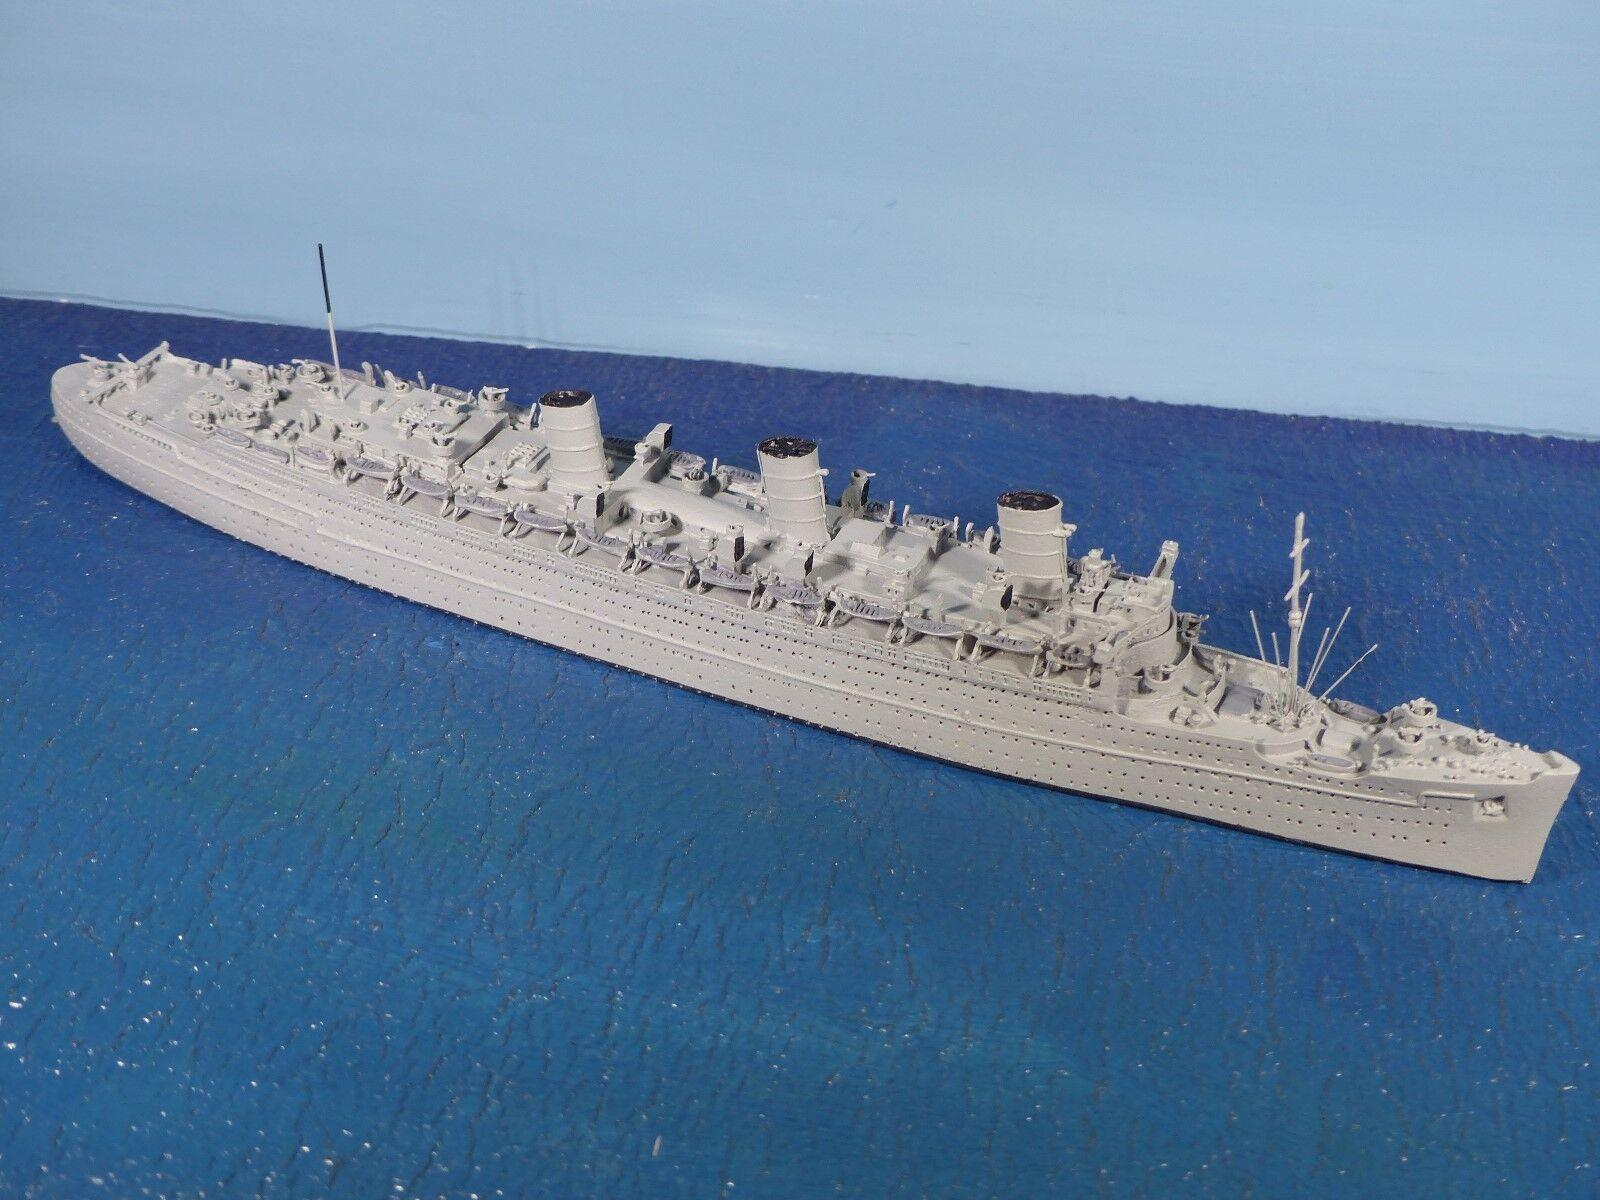 Cm barco 1 1250 gb. tropas transportador  queen mary  cm p 30 OVP